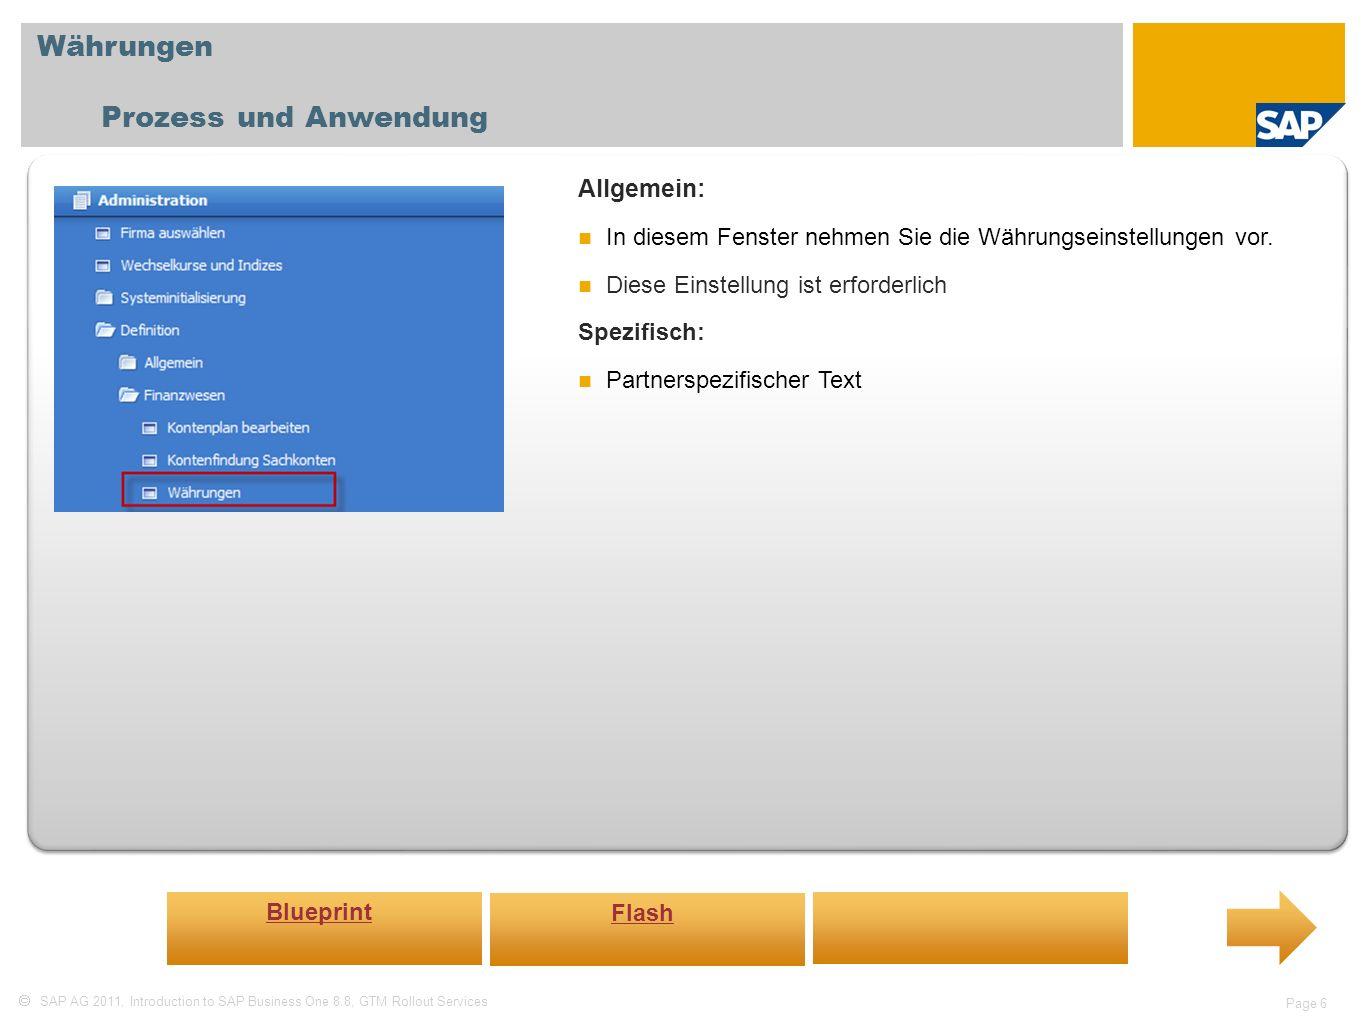 SAP AG 2011, Introduction to SAP Business One 8.8, GTM Rollout Services Page 6 Währungen Prozess und Anwendung Allgemein: In diesem Fenster nehmen Sie